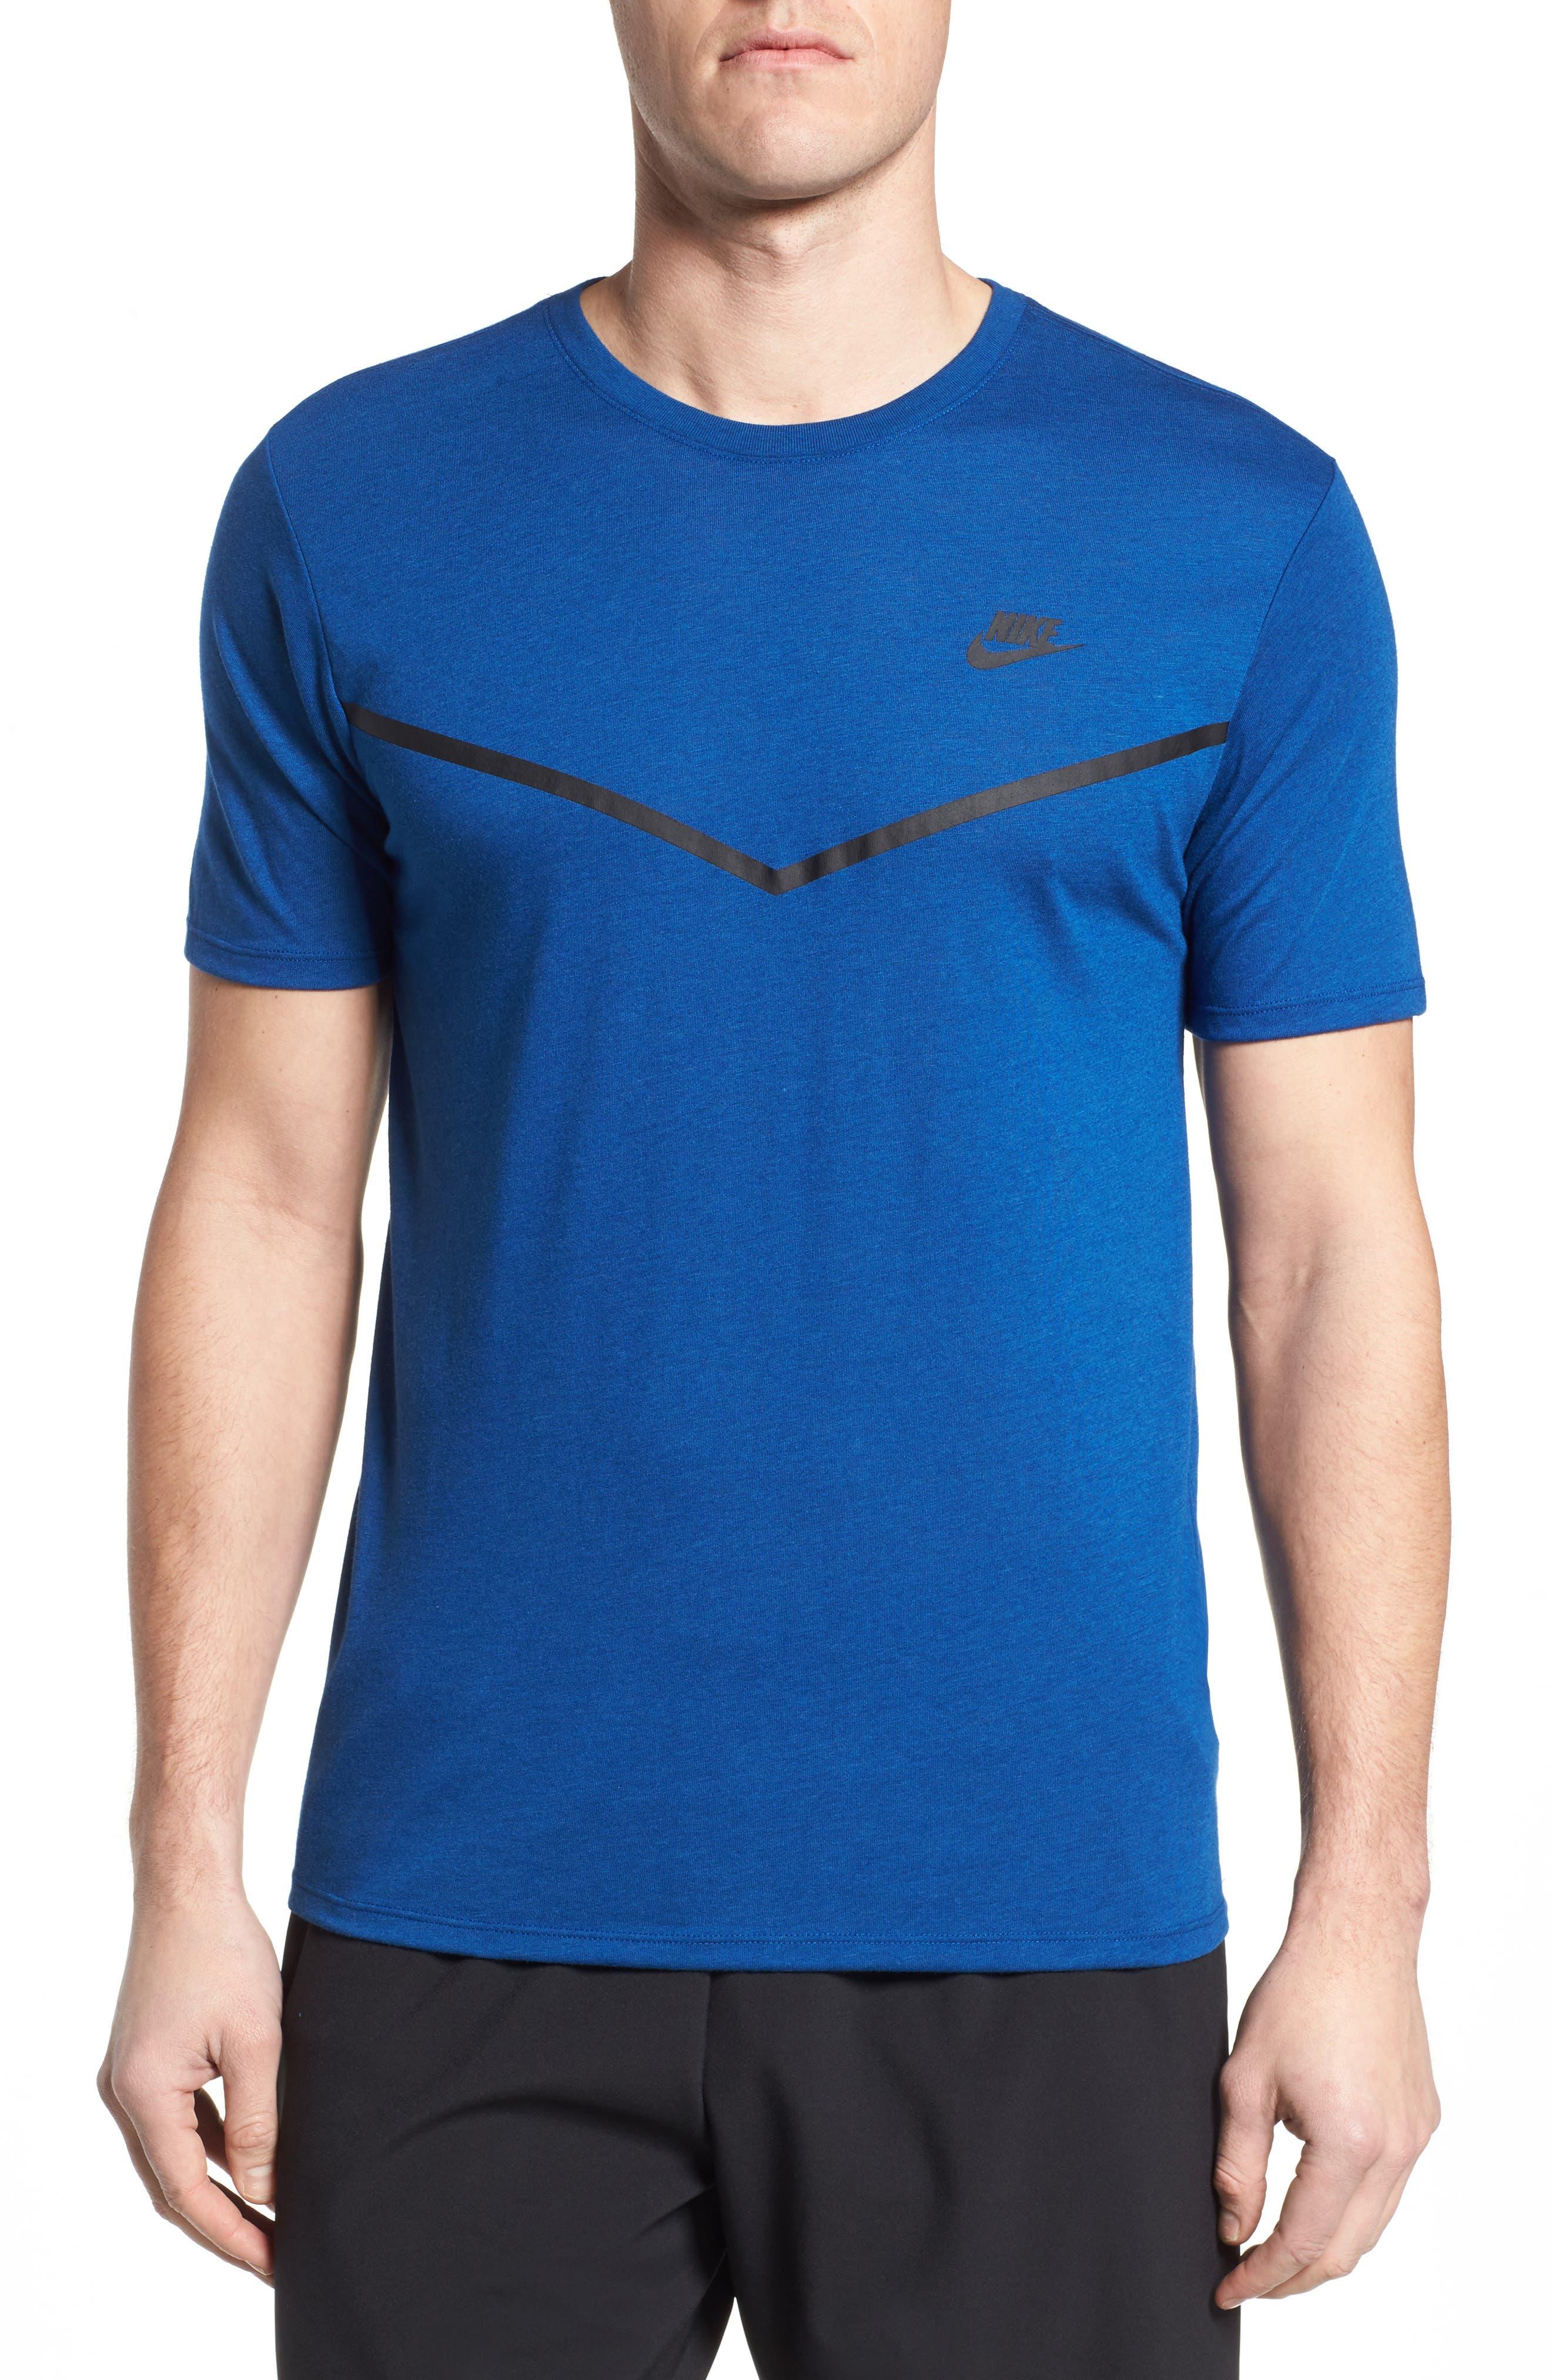 Nike Nsw Tb Tech T-Shirt, Blue